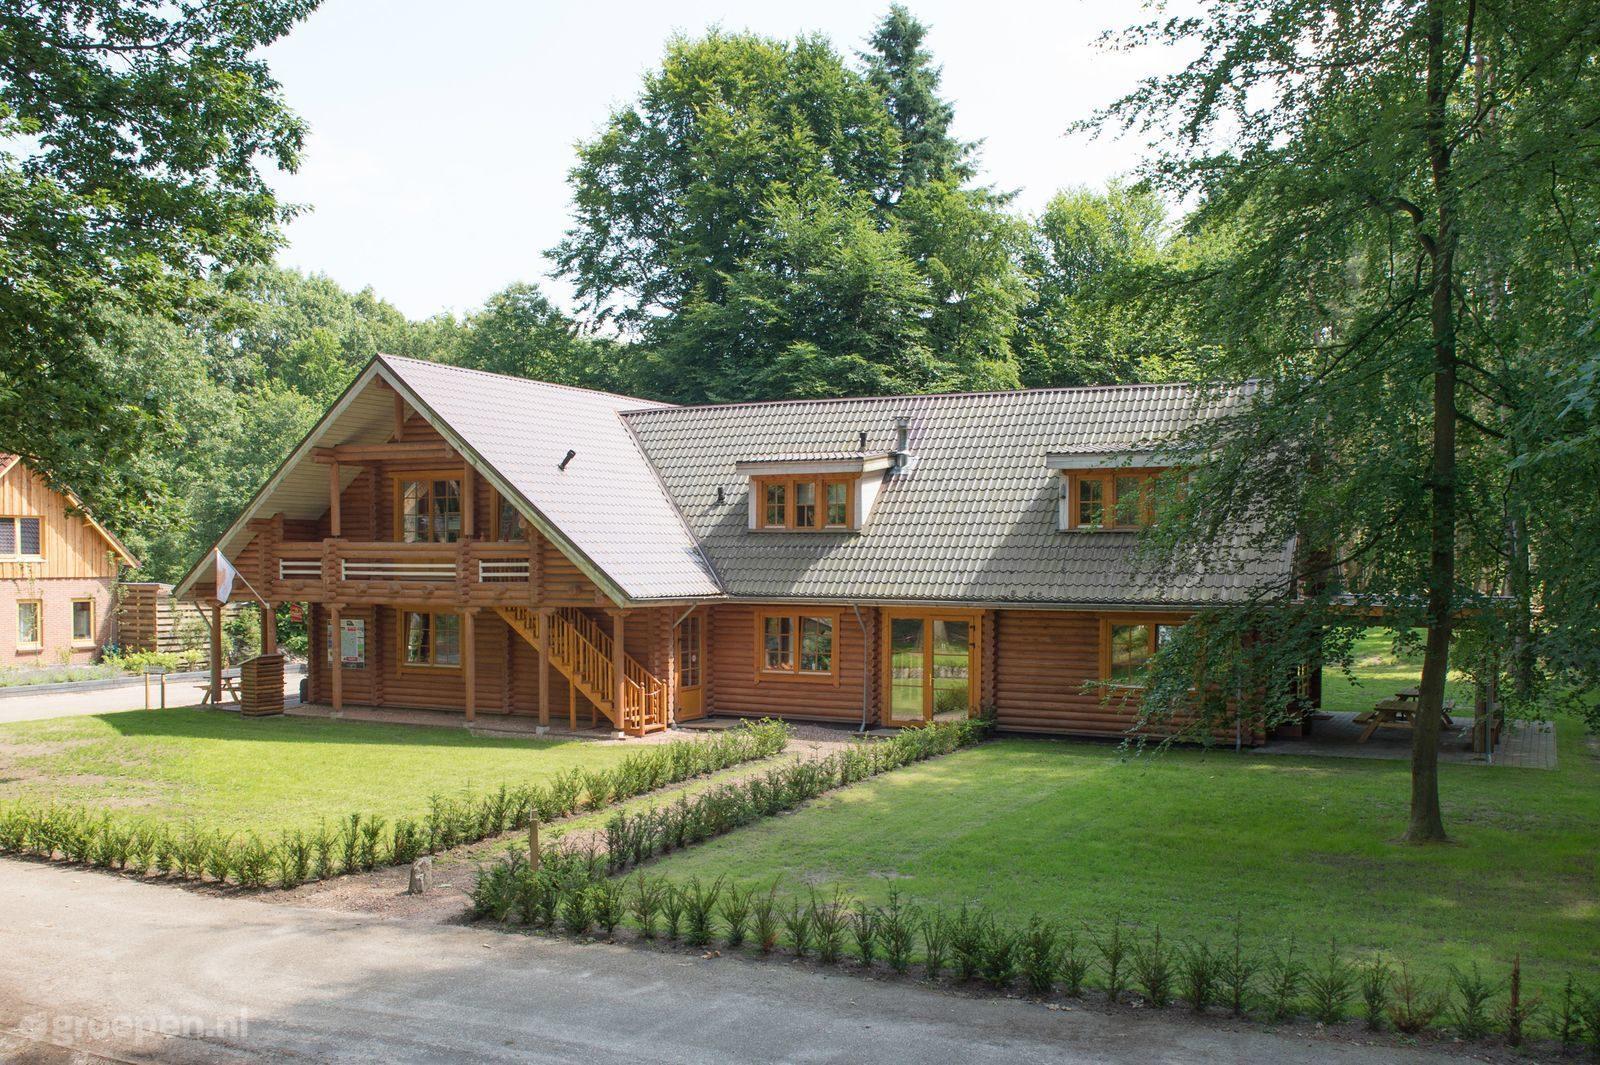 Top 10 natuurhuizen - Groepsaccommodaties in de natuur